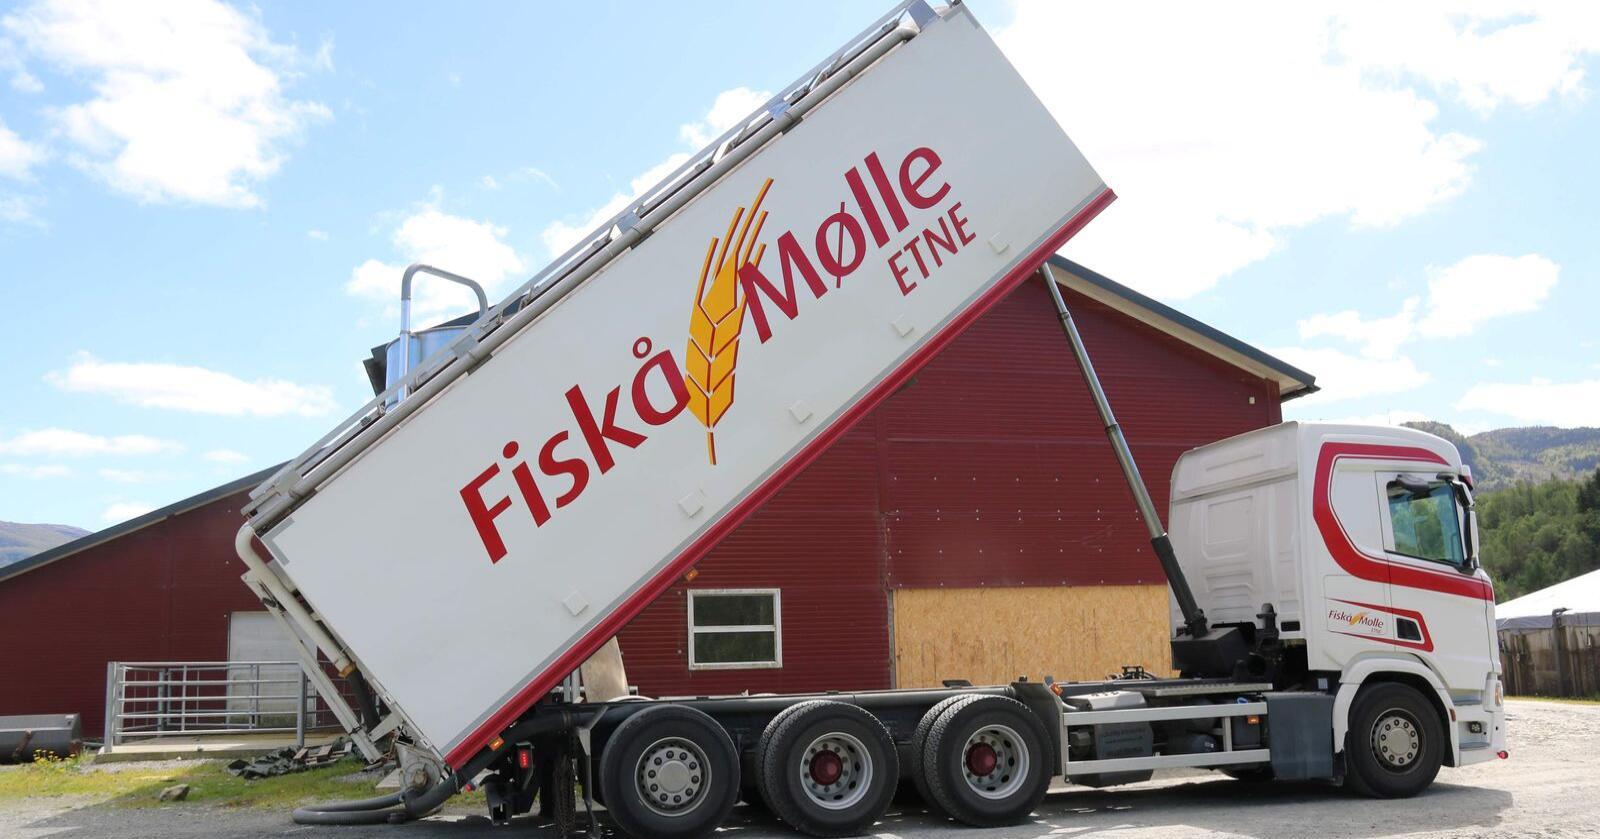 BYGGER: Fiskå Mølle har kjøpt tomteareal i Trøndelag. Her er en kraftfôrbil på tur i Etne i Vestland. Foto: Dag Idar Jøsang